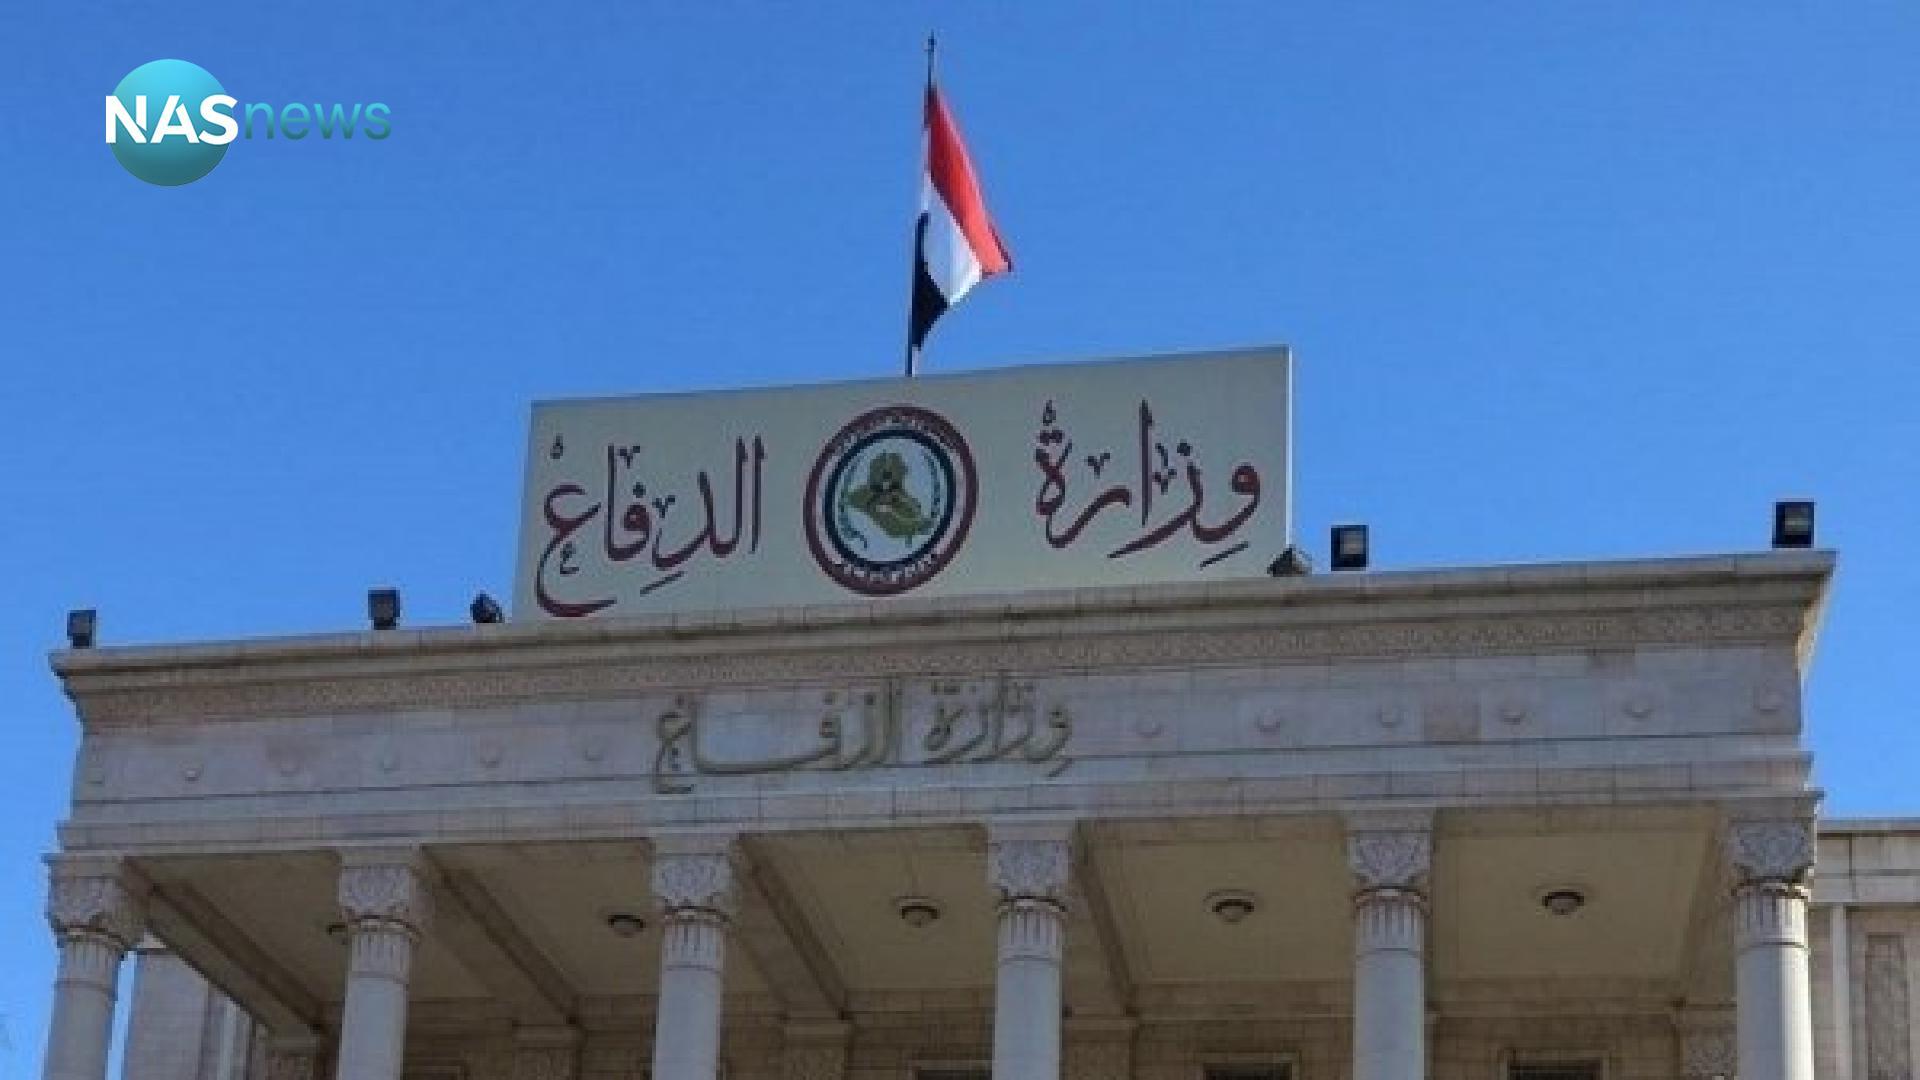 الأكاديمية العسكرية العراقية تحدد موعد استقبال الدورة التأهيلية الرابعة والثمانين